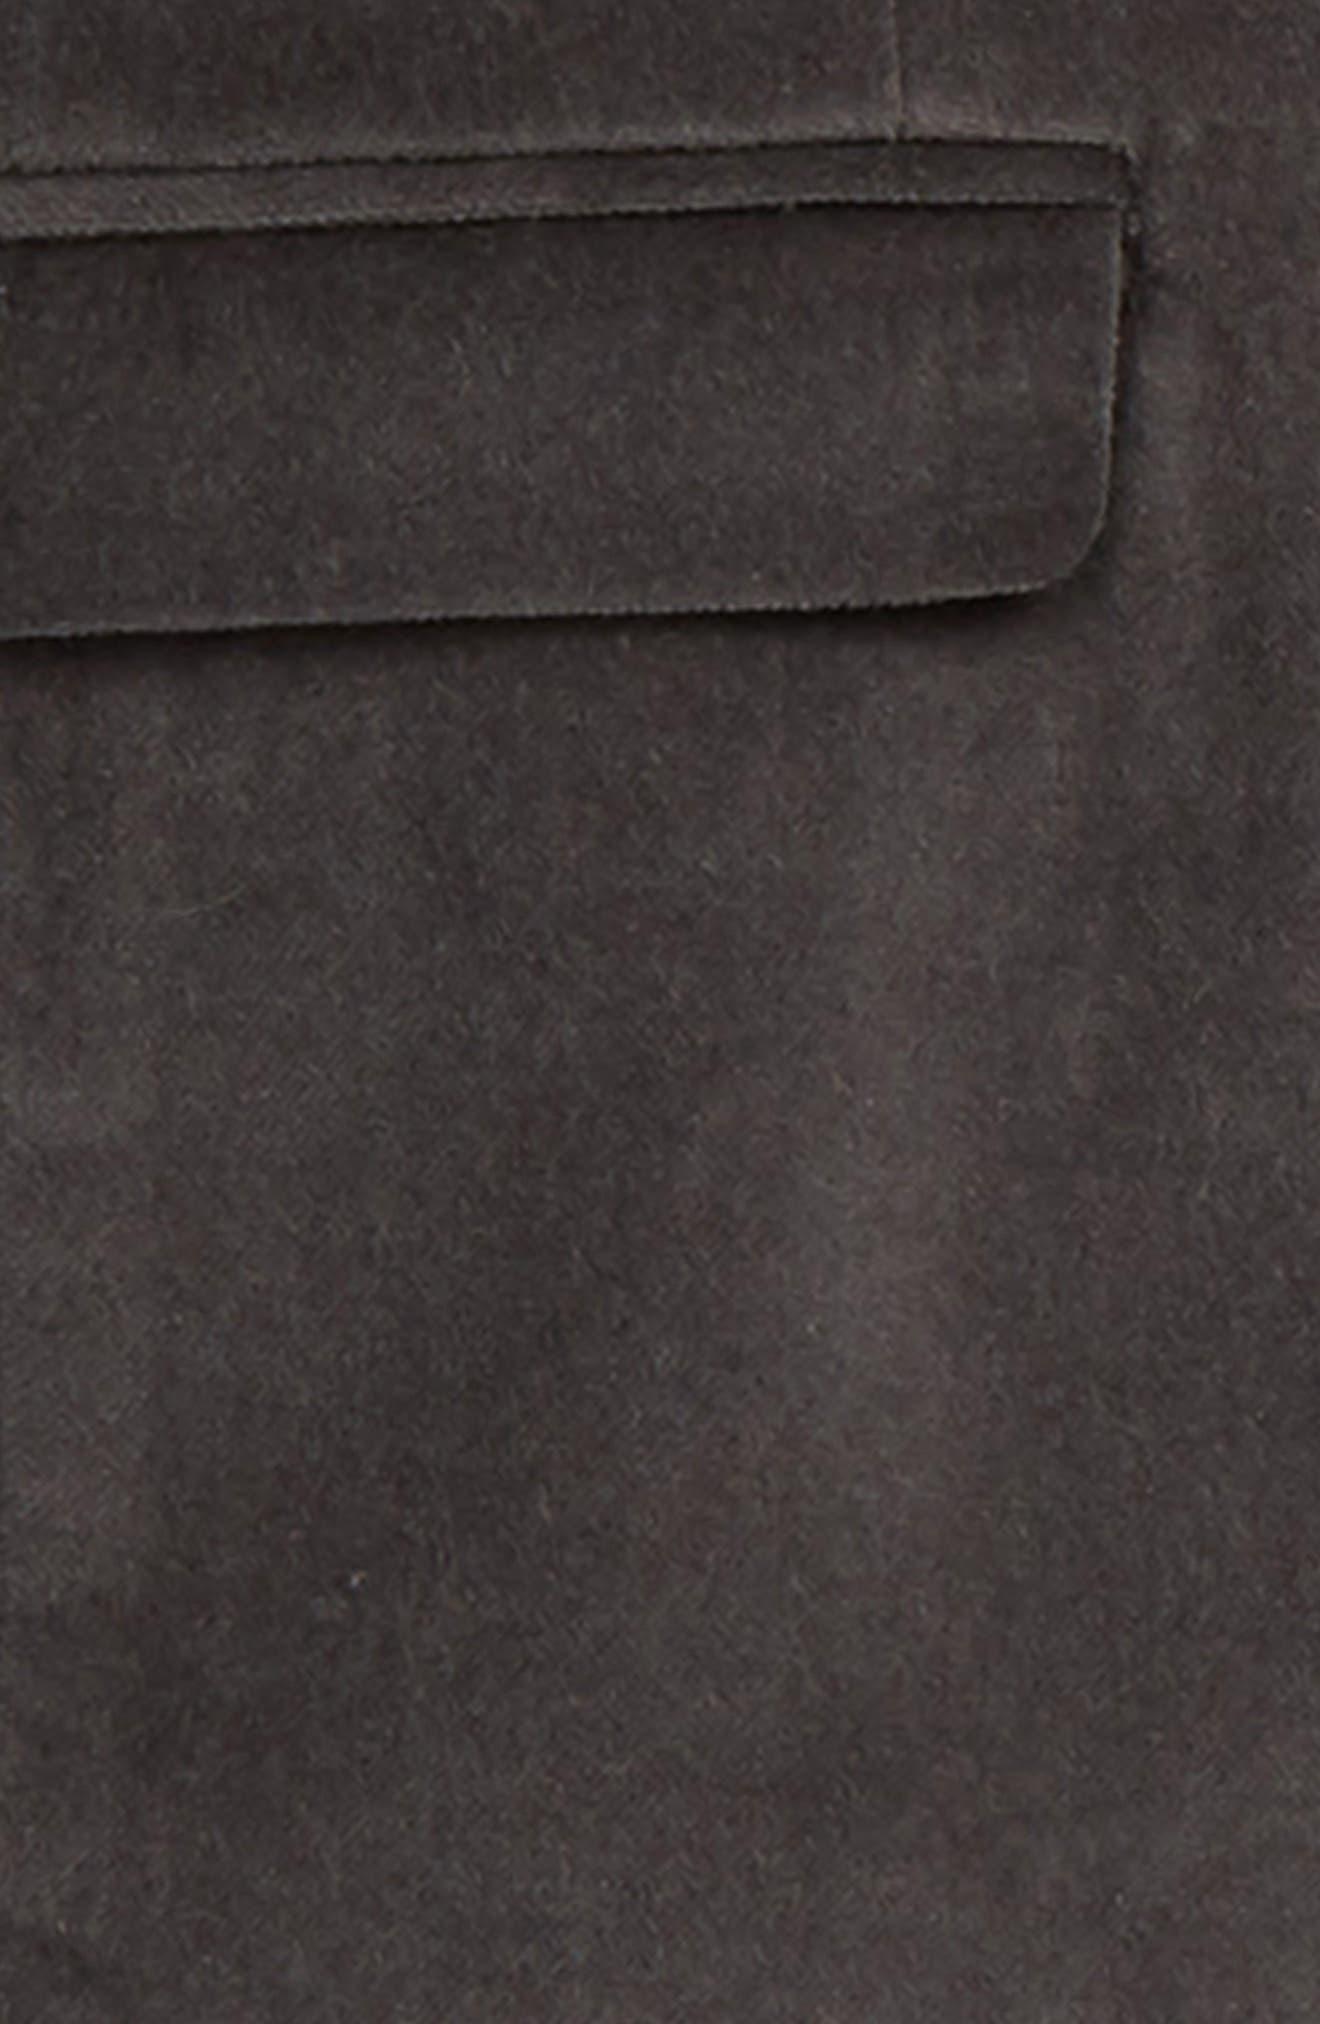 Mod Velvet Suit,                             Alternate thumbnail 2, color,                             VINTAGE BLACK VELVET